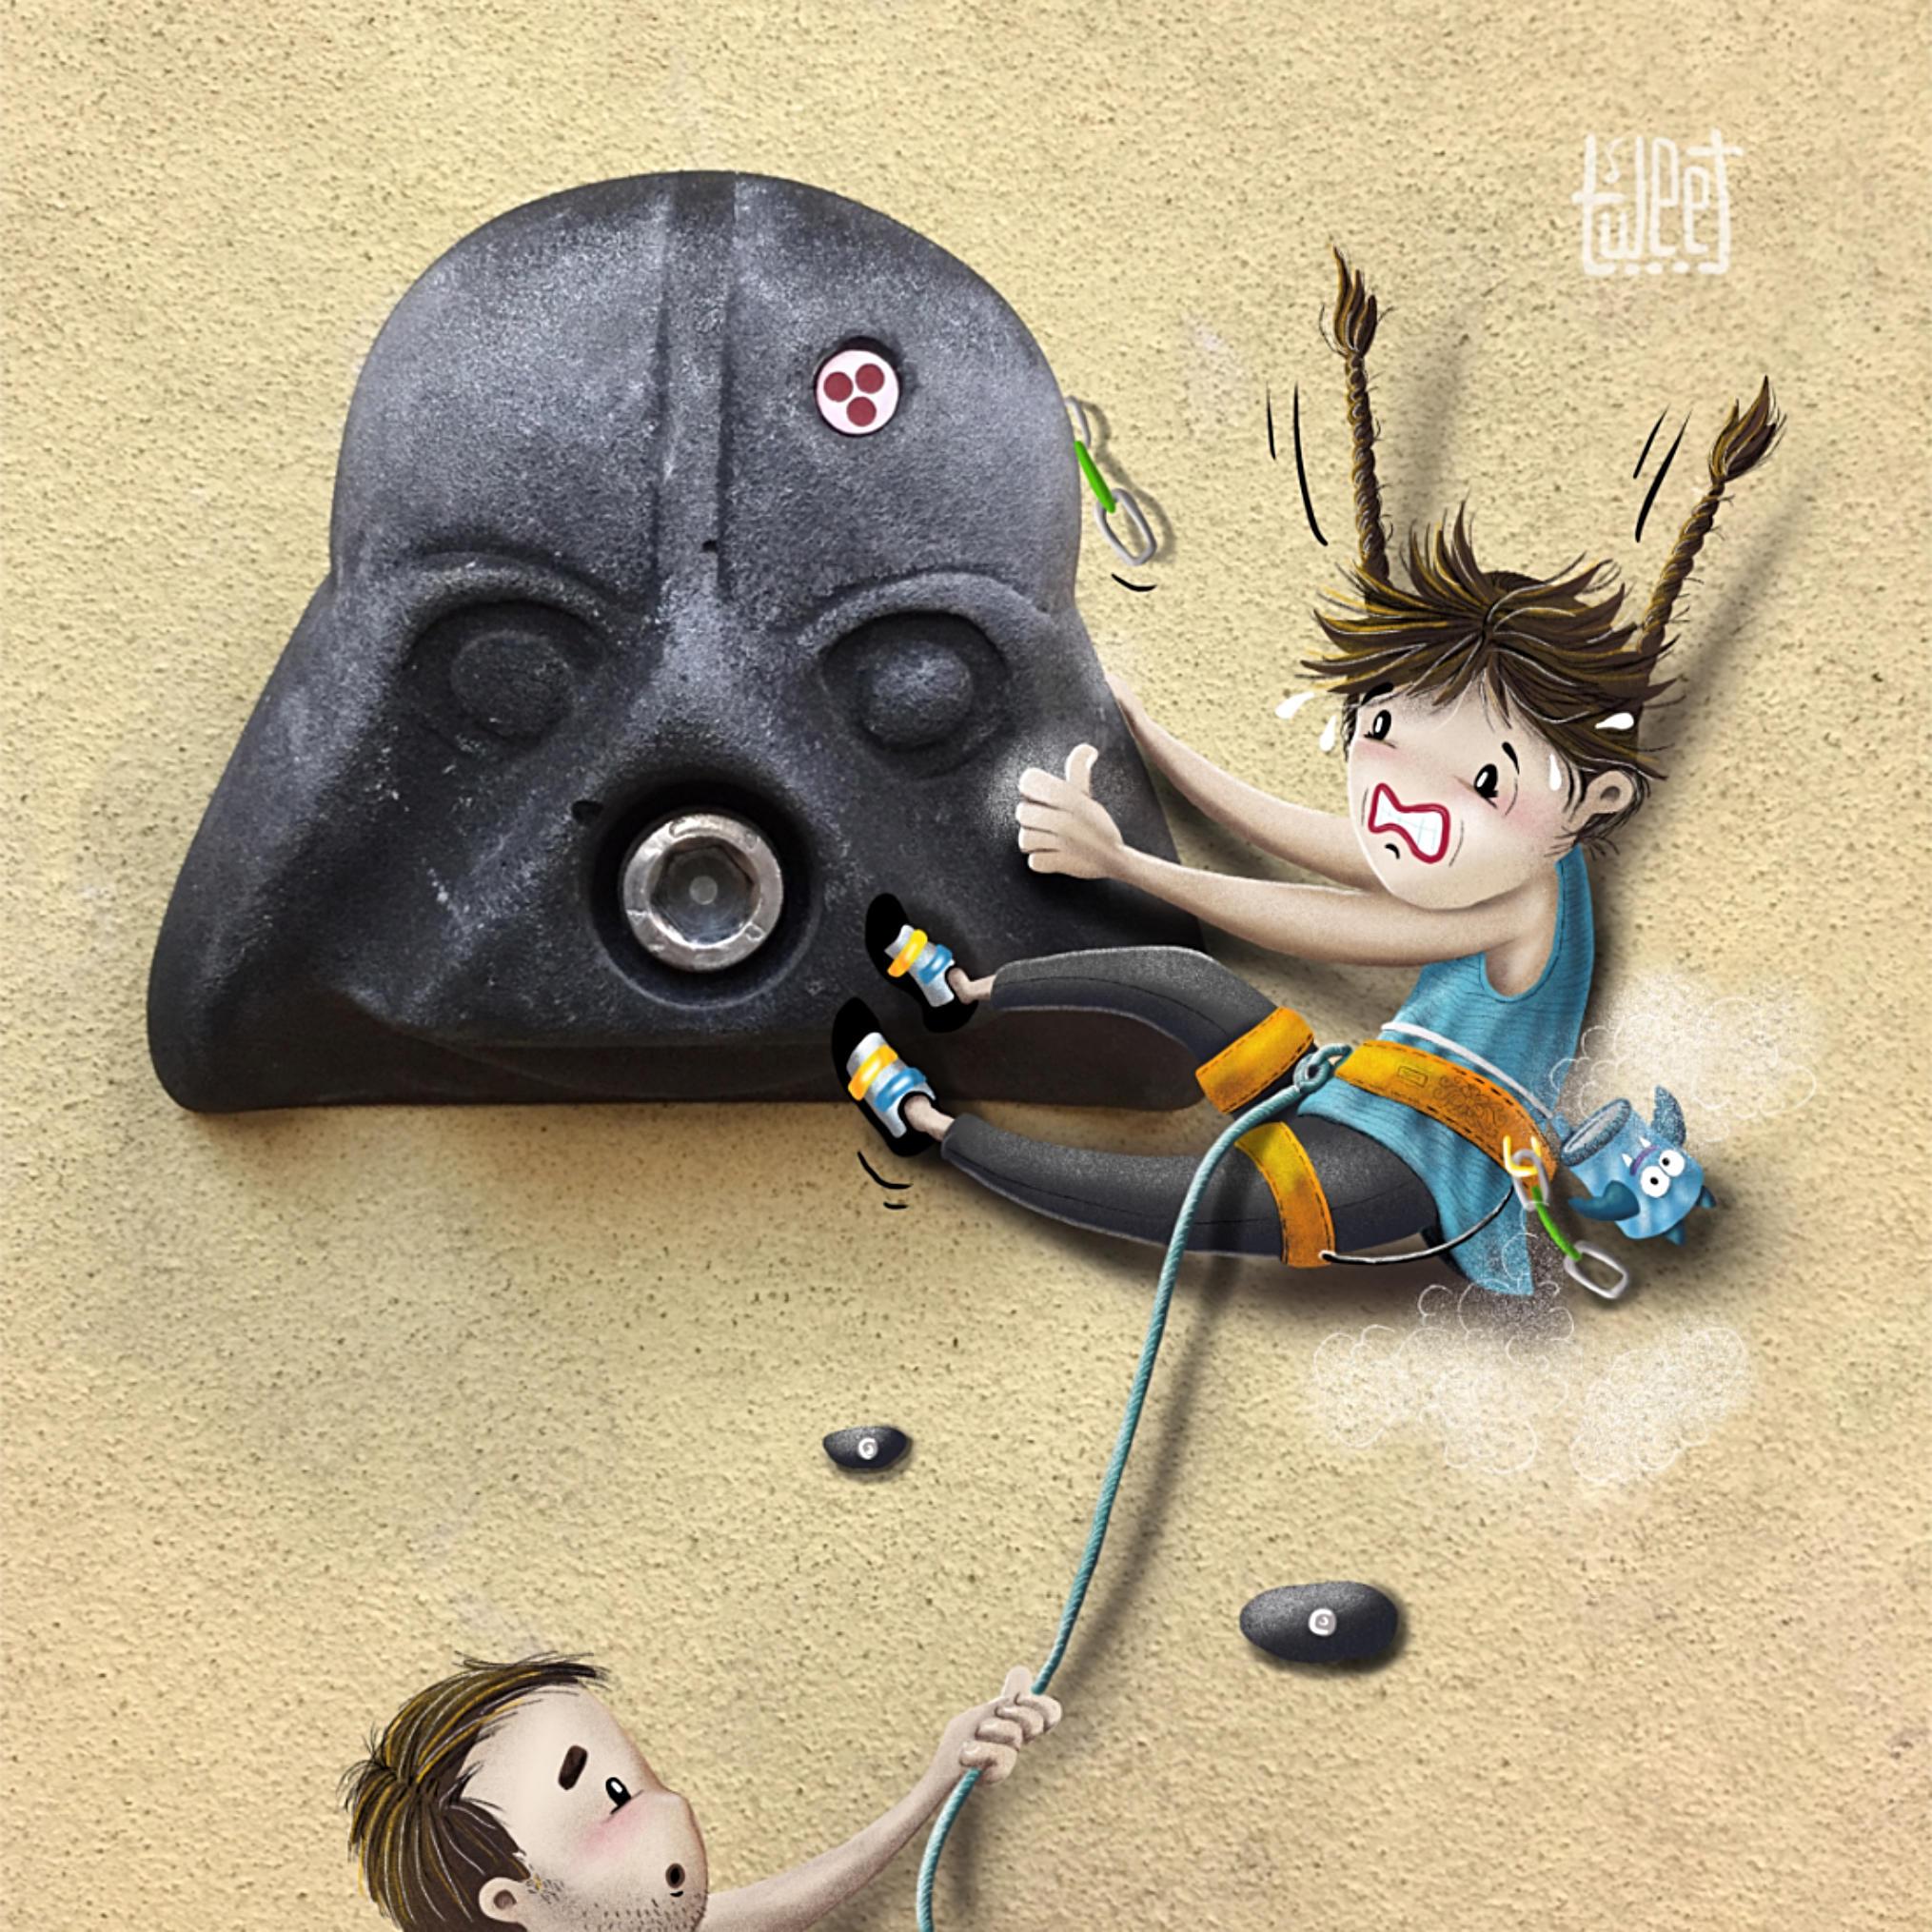 Photo Bombing - At the Climbing Gym (Darth Vader Face)